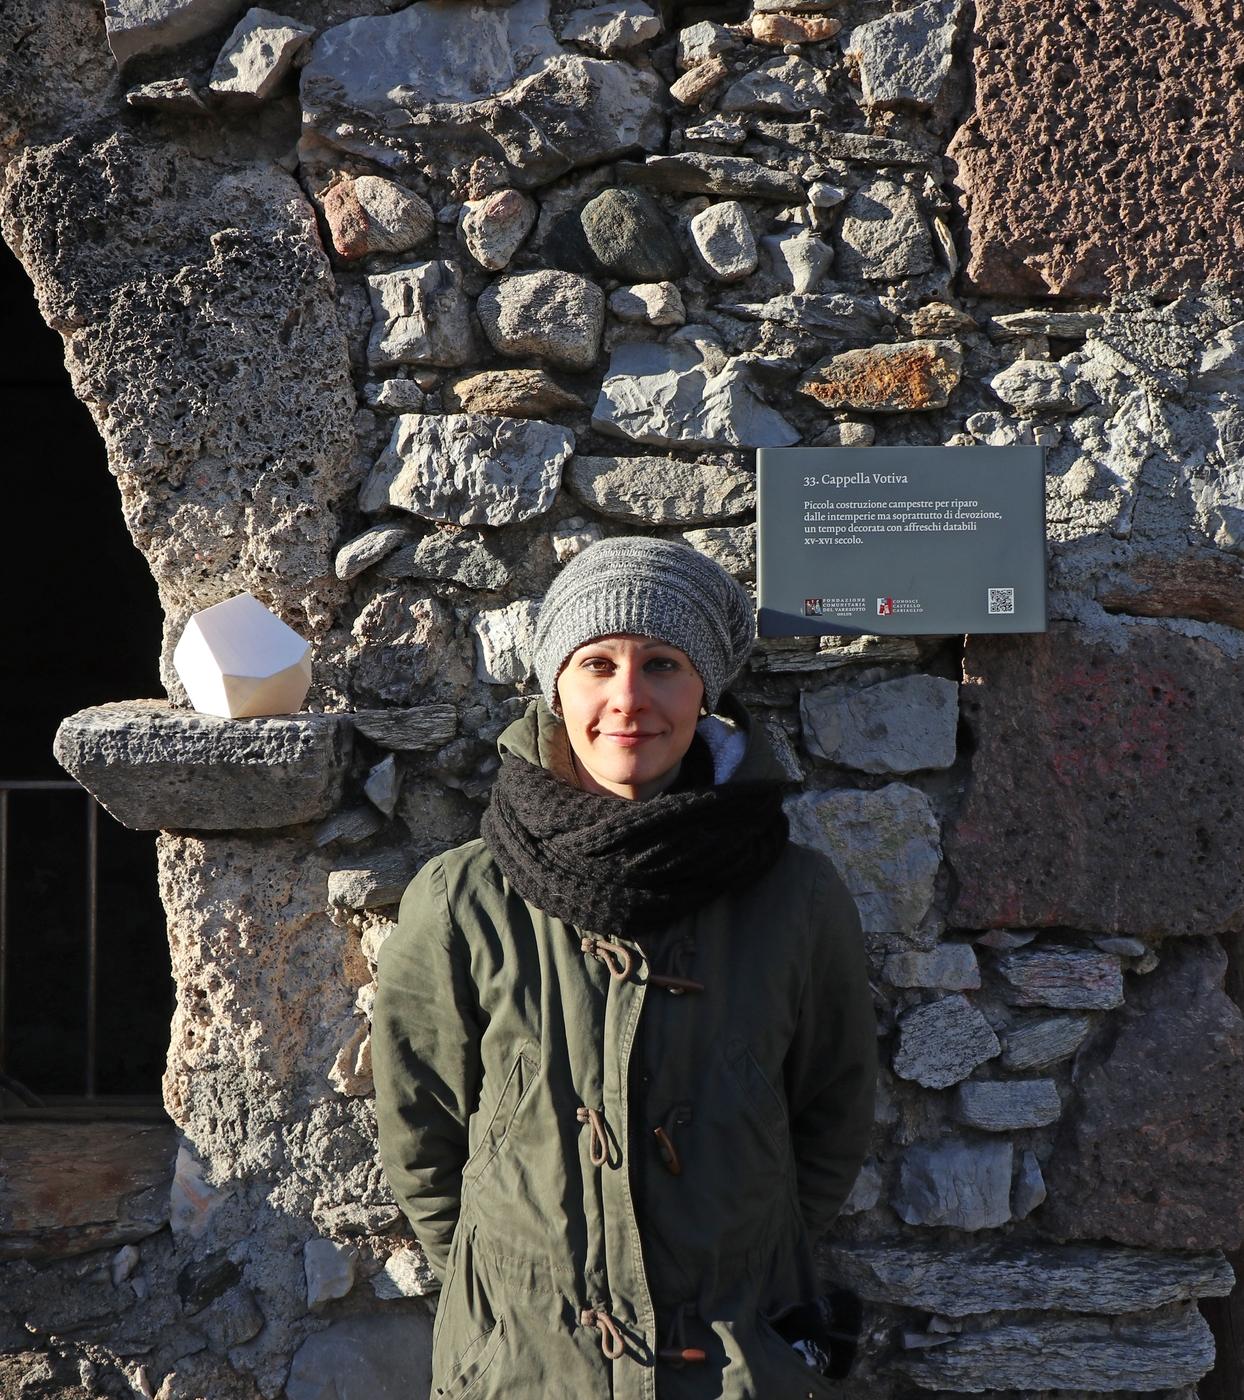 Erratico accidentale calibro 100 nº1, Valentina Petter con Erratico accidentalealla cappella votiva di Castello Cabiaglio in occasione dell'installazione